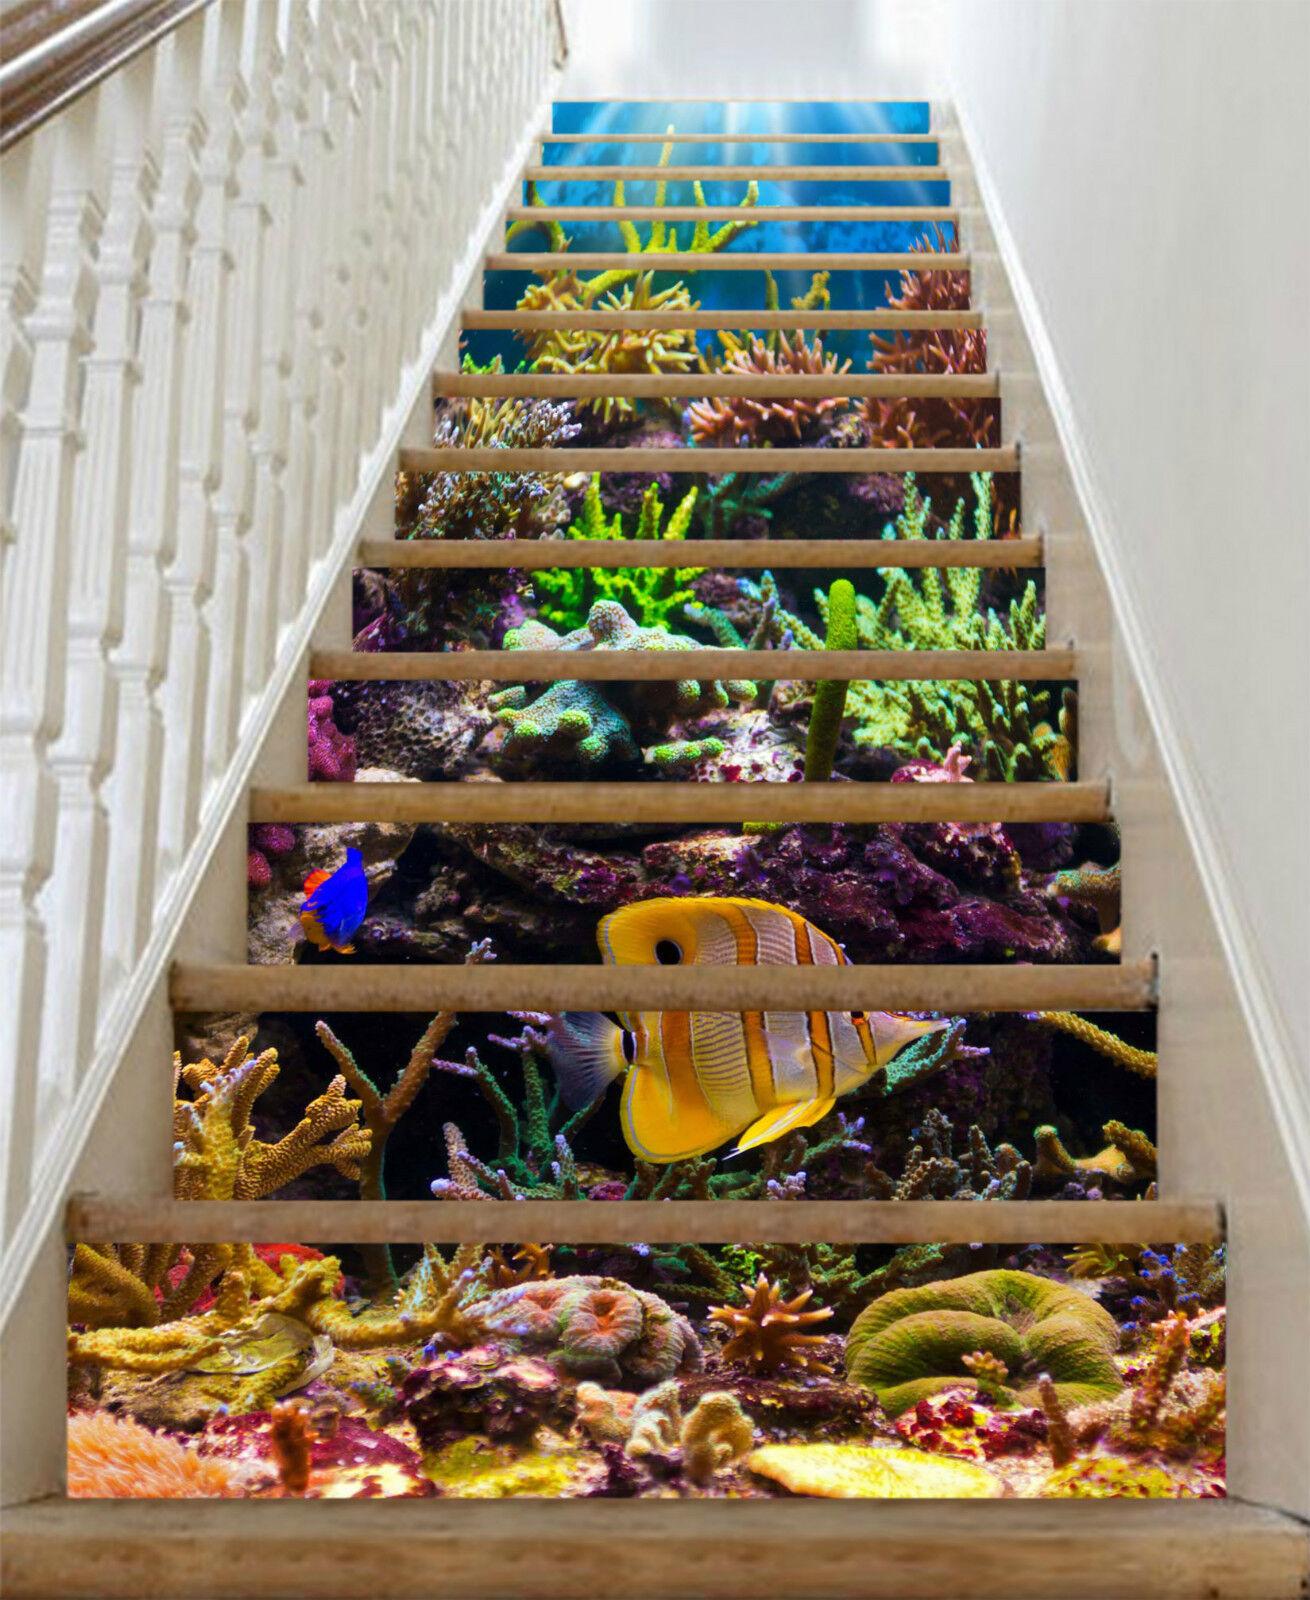 3D Schn Koralle 89 Stair Risers Dekoration Fototapete Vinyl Aufkleber Tapete DE